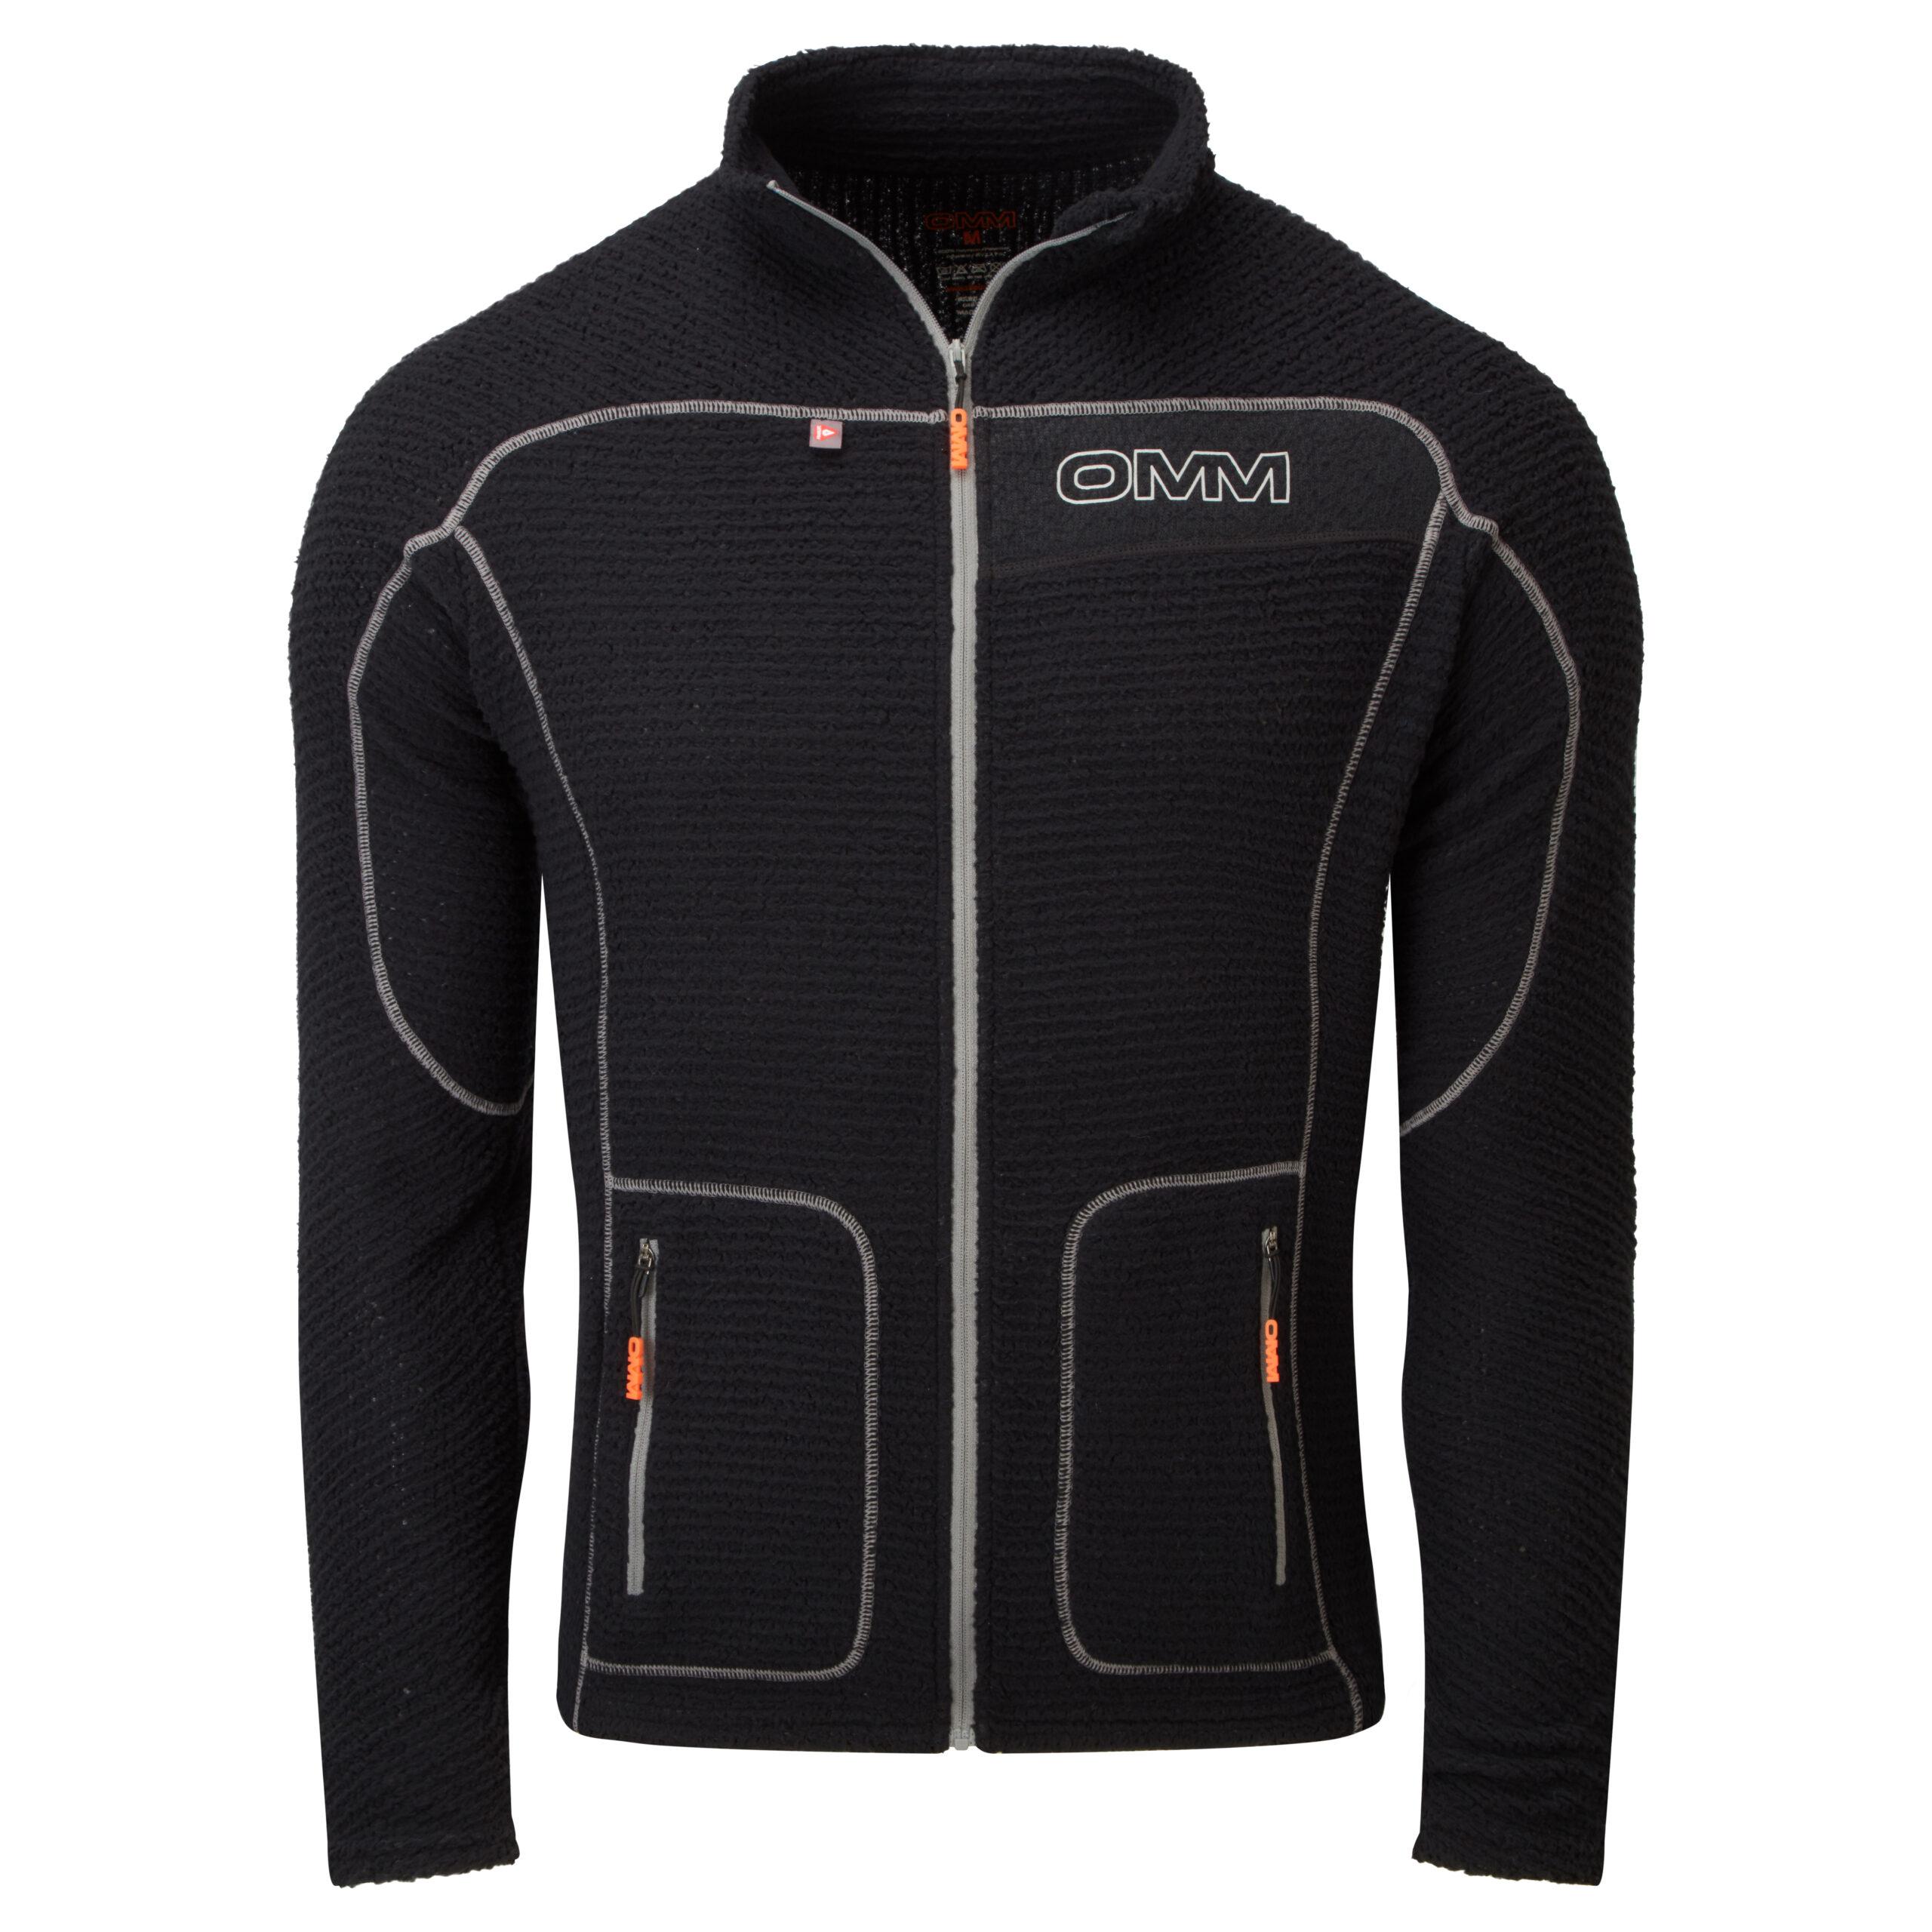 OC155_Core_Jacket_Black_Front-1-scaled